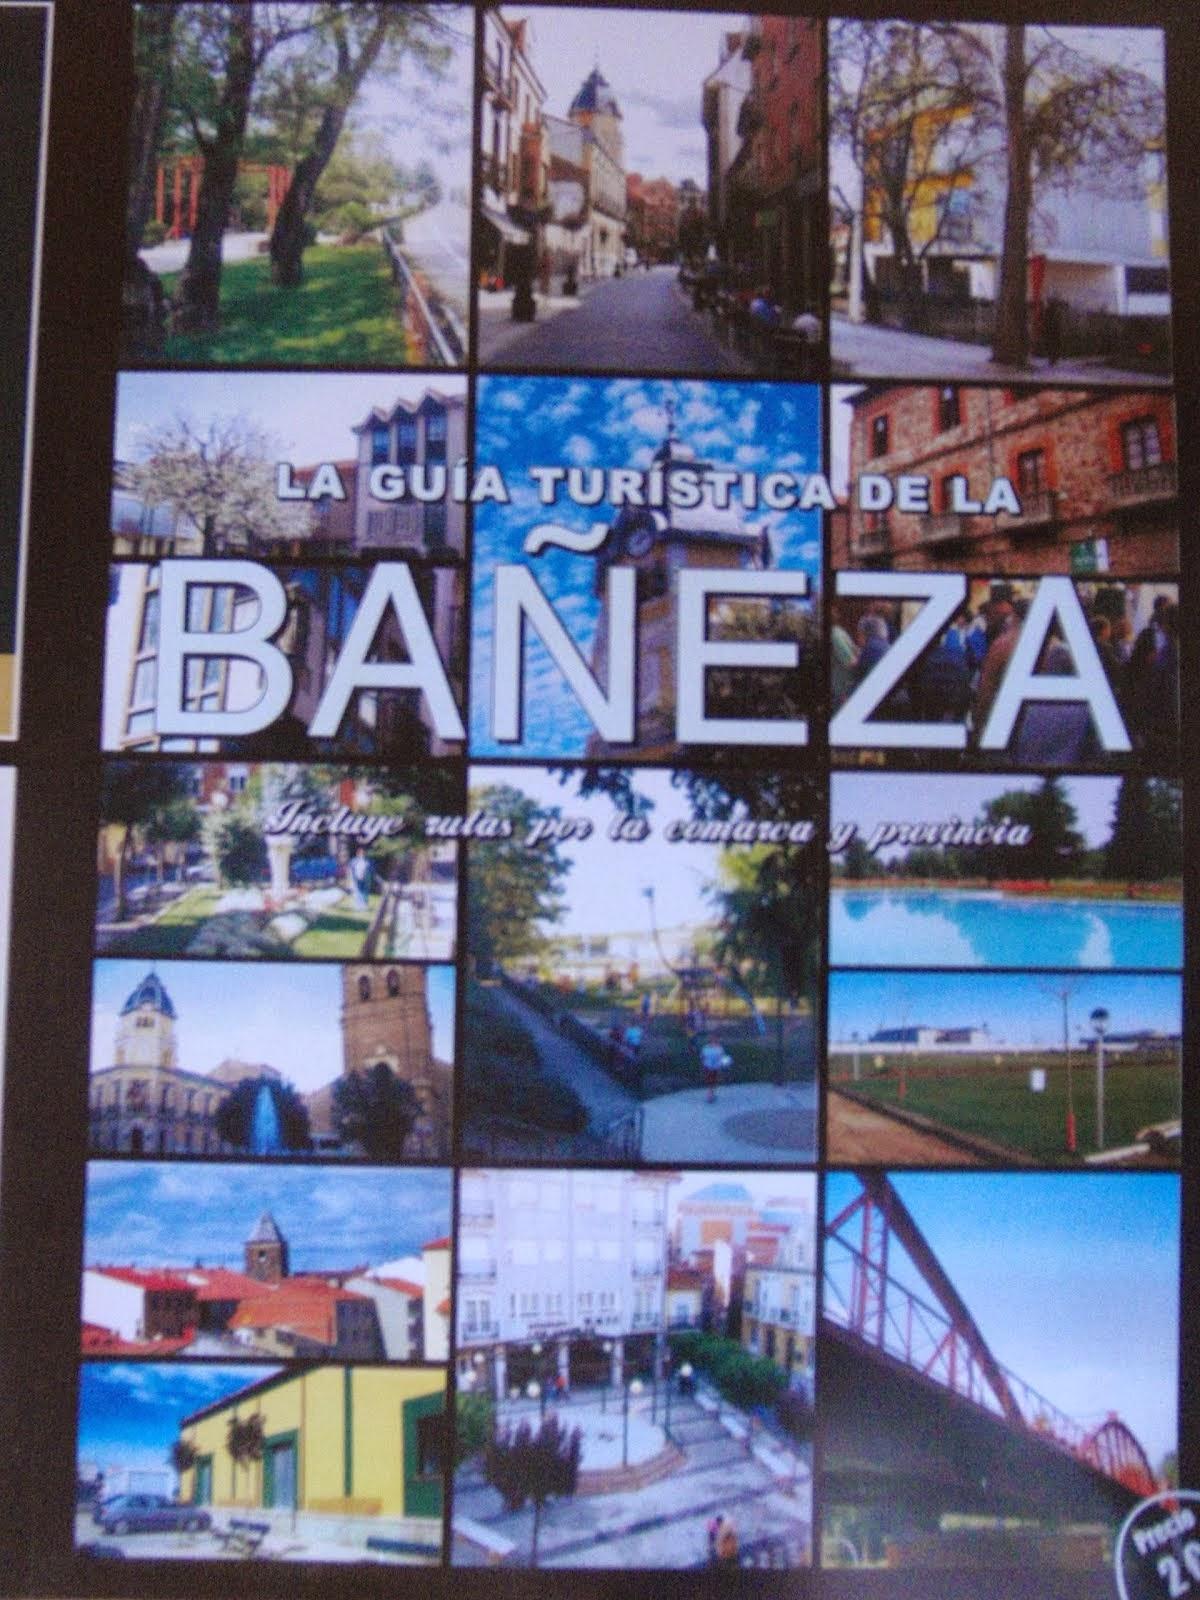 Guía Turística La Bañeza